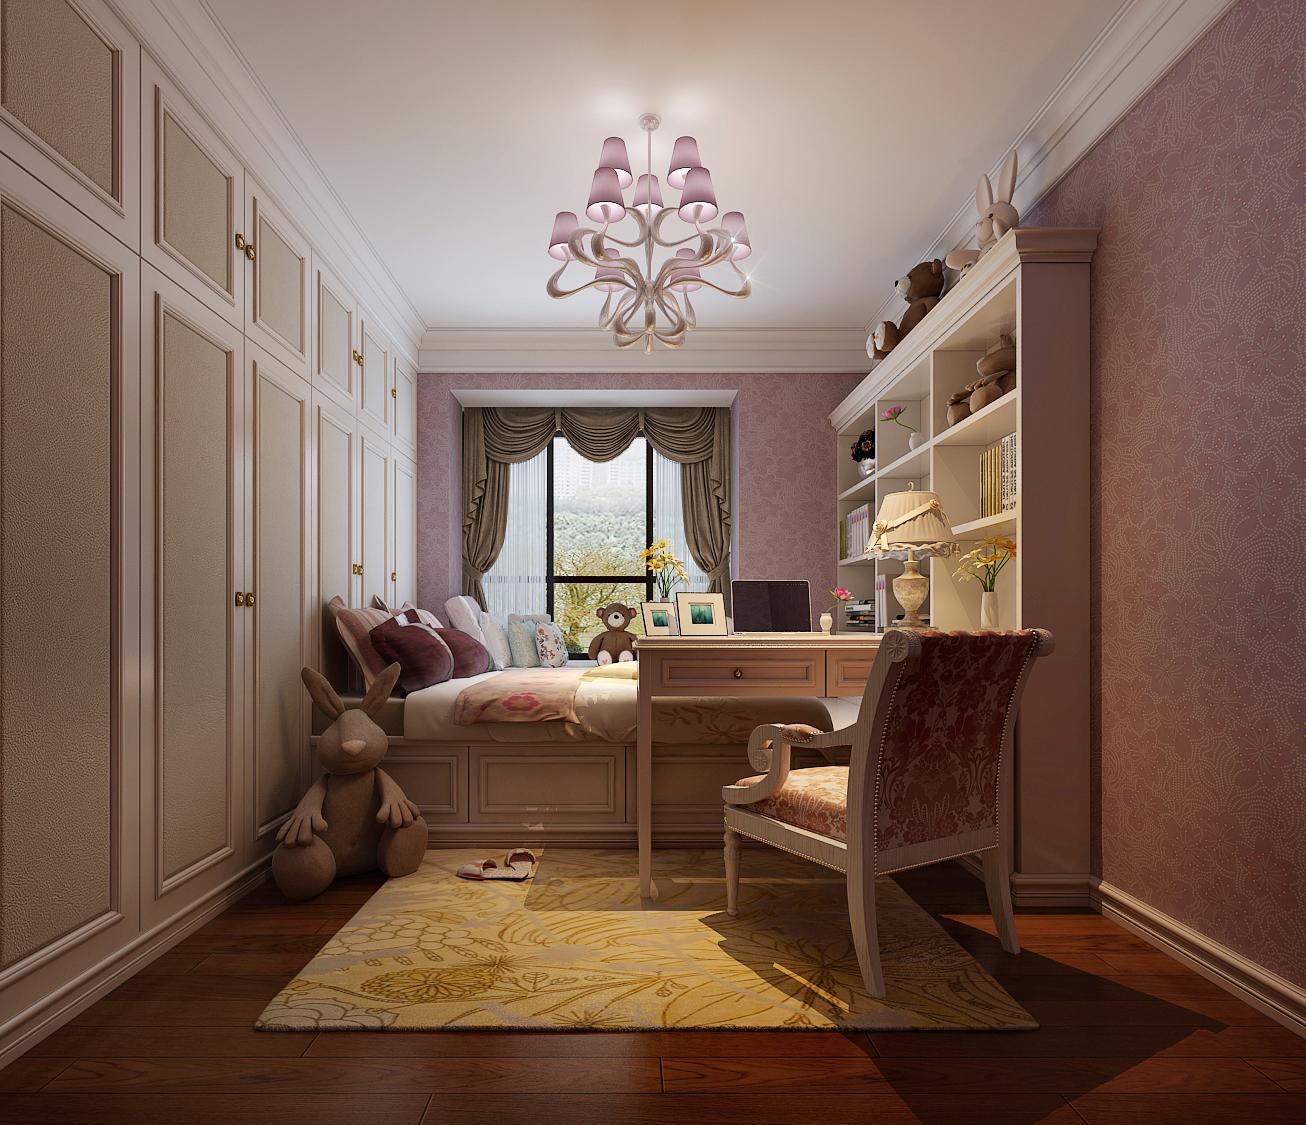 简约 欧式 田园 混搭 二居 三居 别墅 白领 旧房改造 卧室图片来自龙发专家设计师文敏红在林业厅家属院轻奢法式风的分享